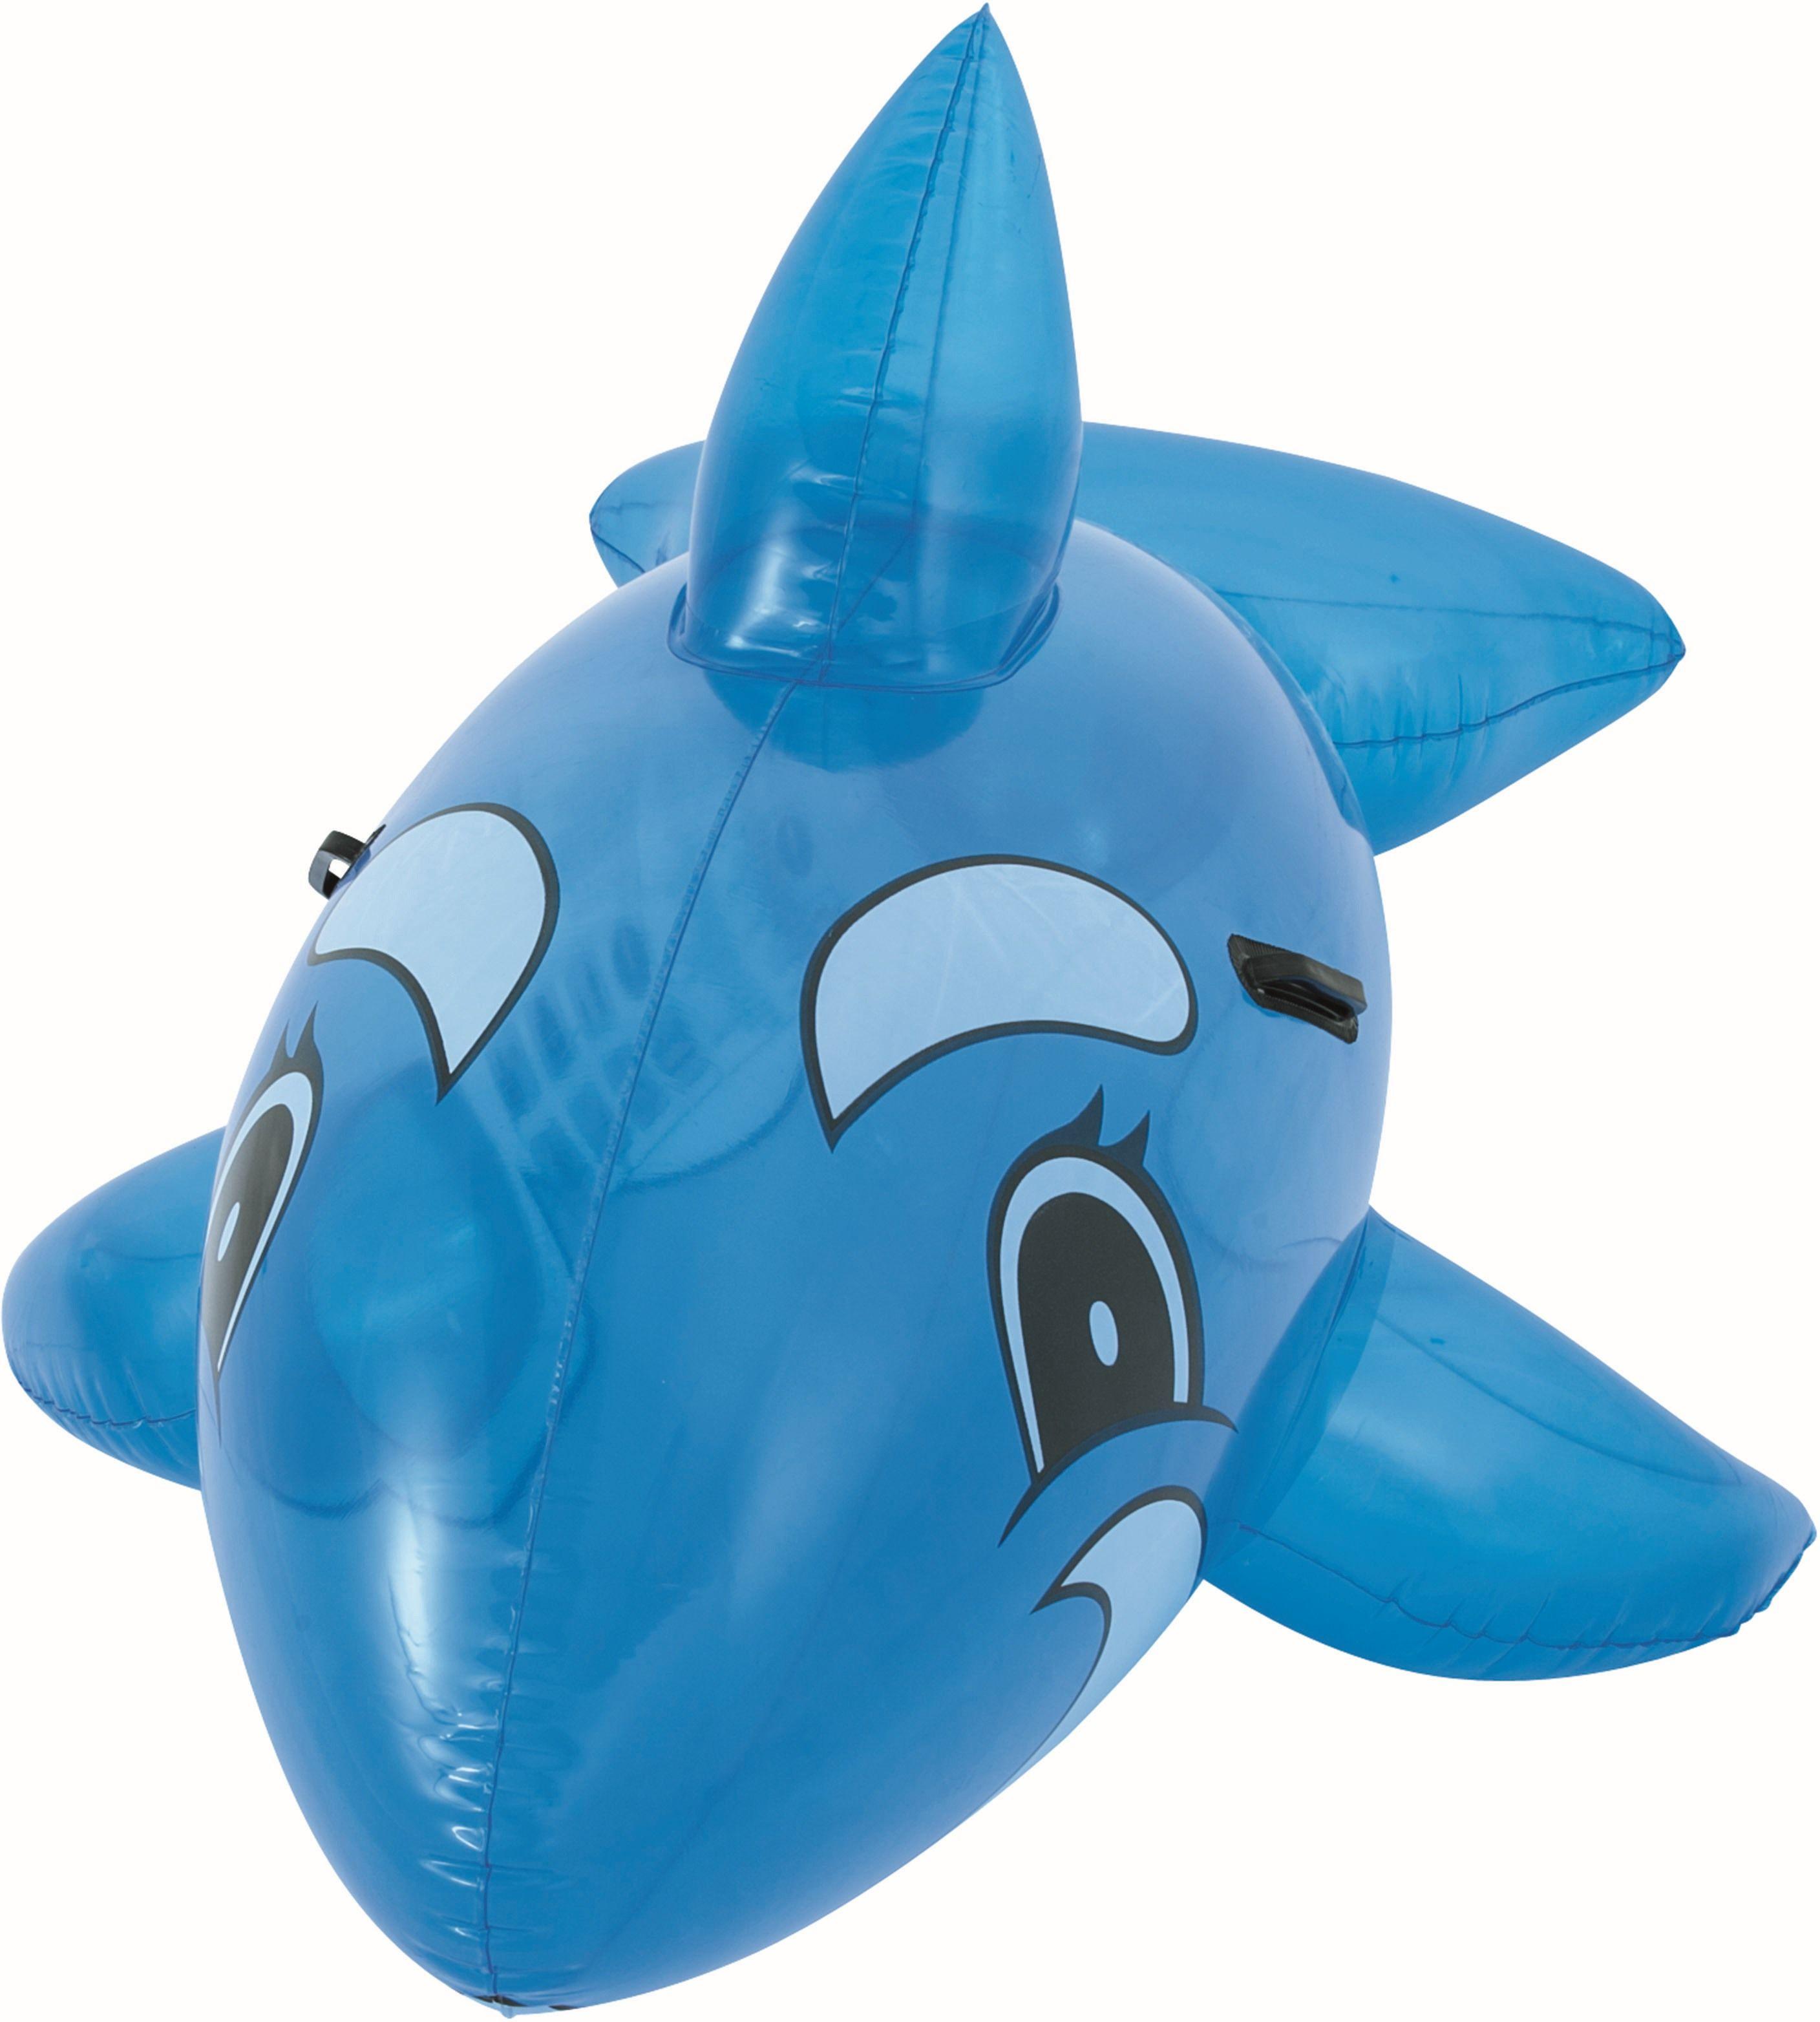 Bestway 41036 Delfino gonfiabile gallegiante per piscina